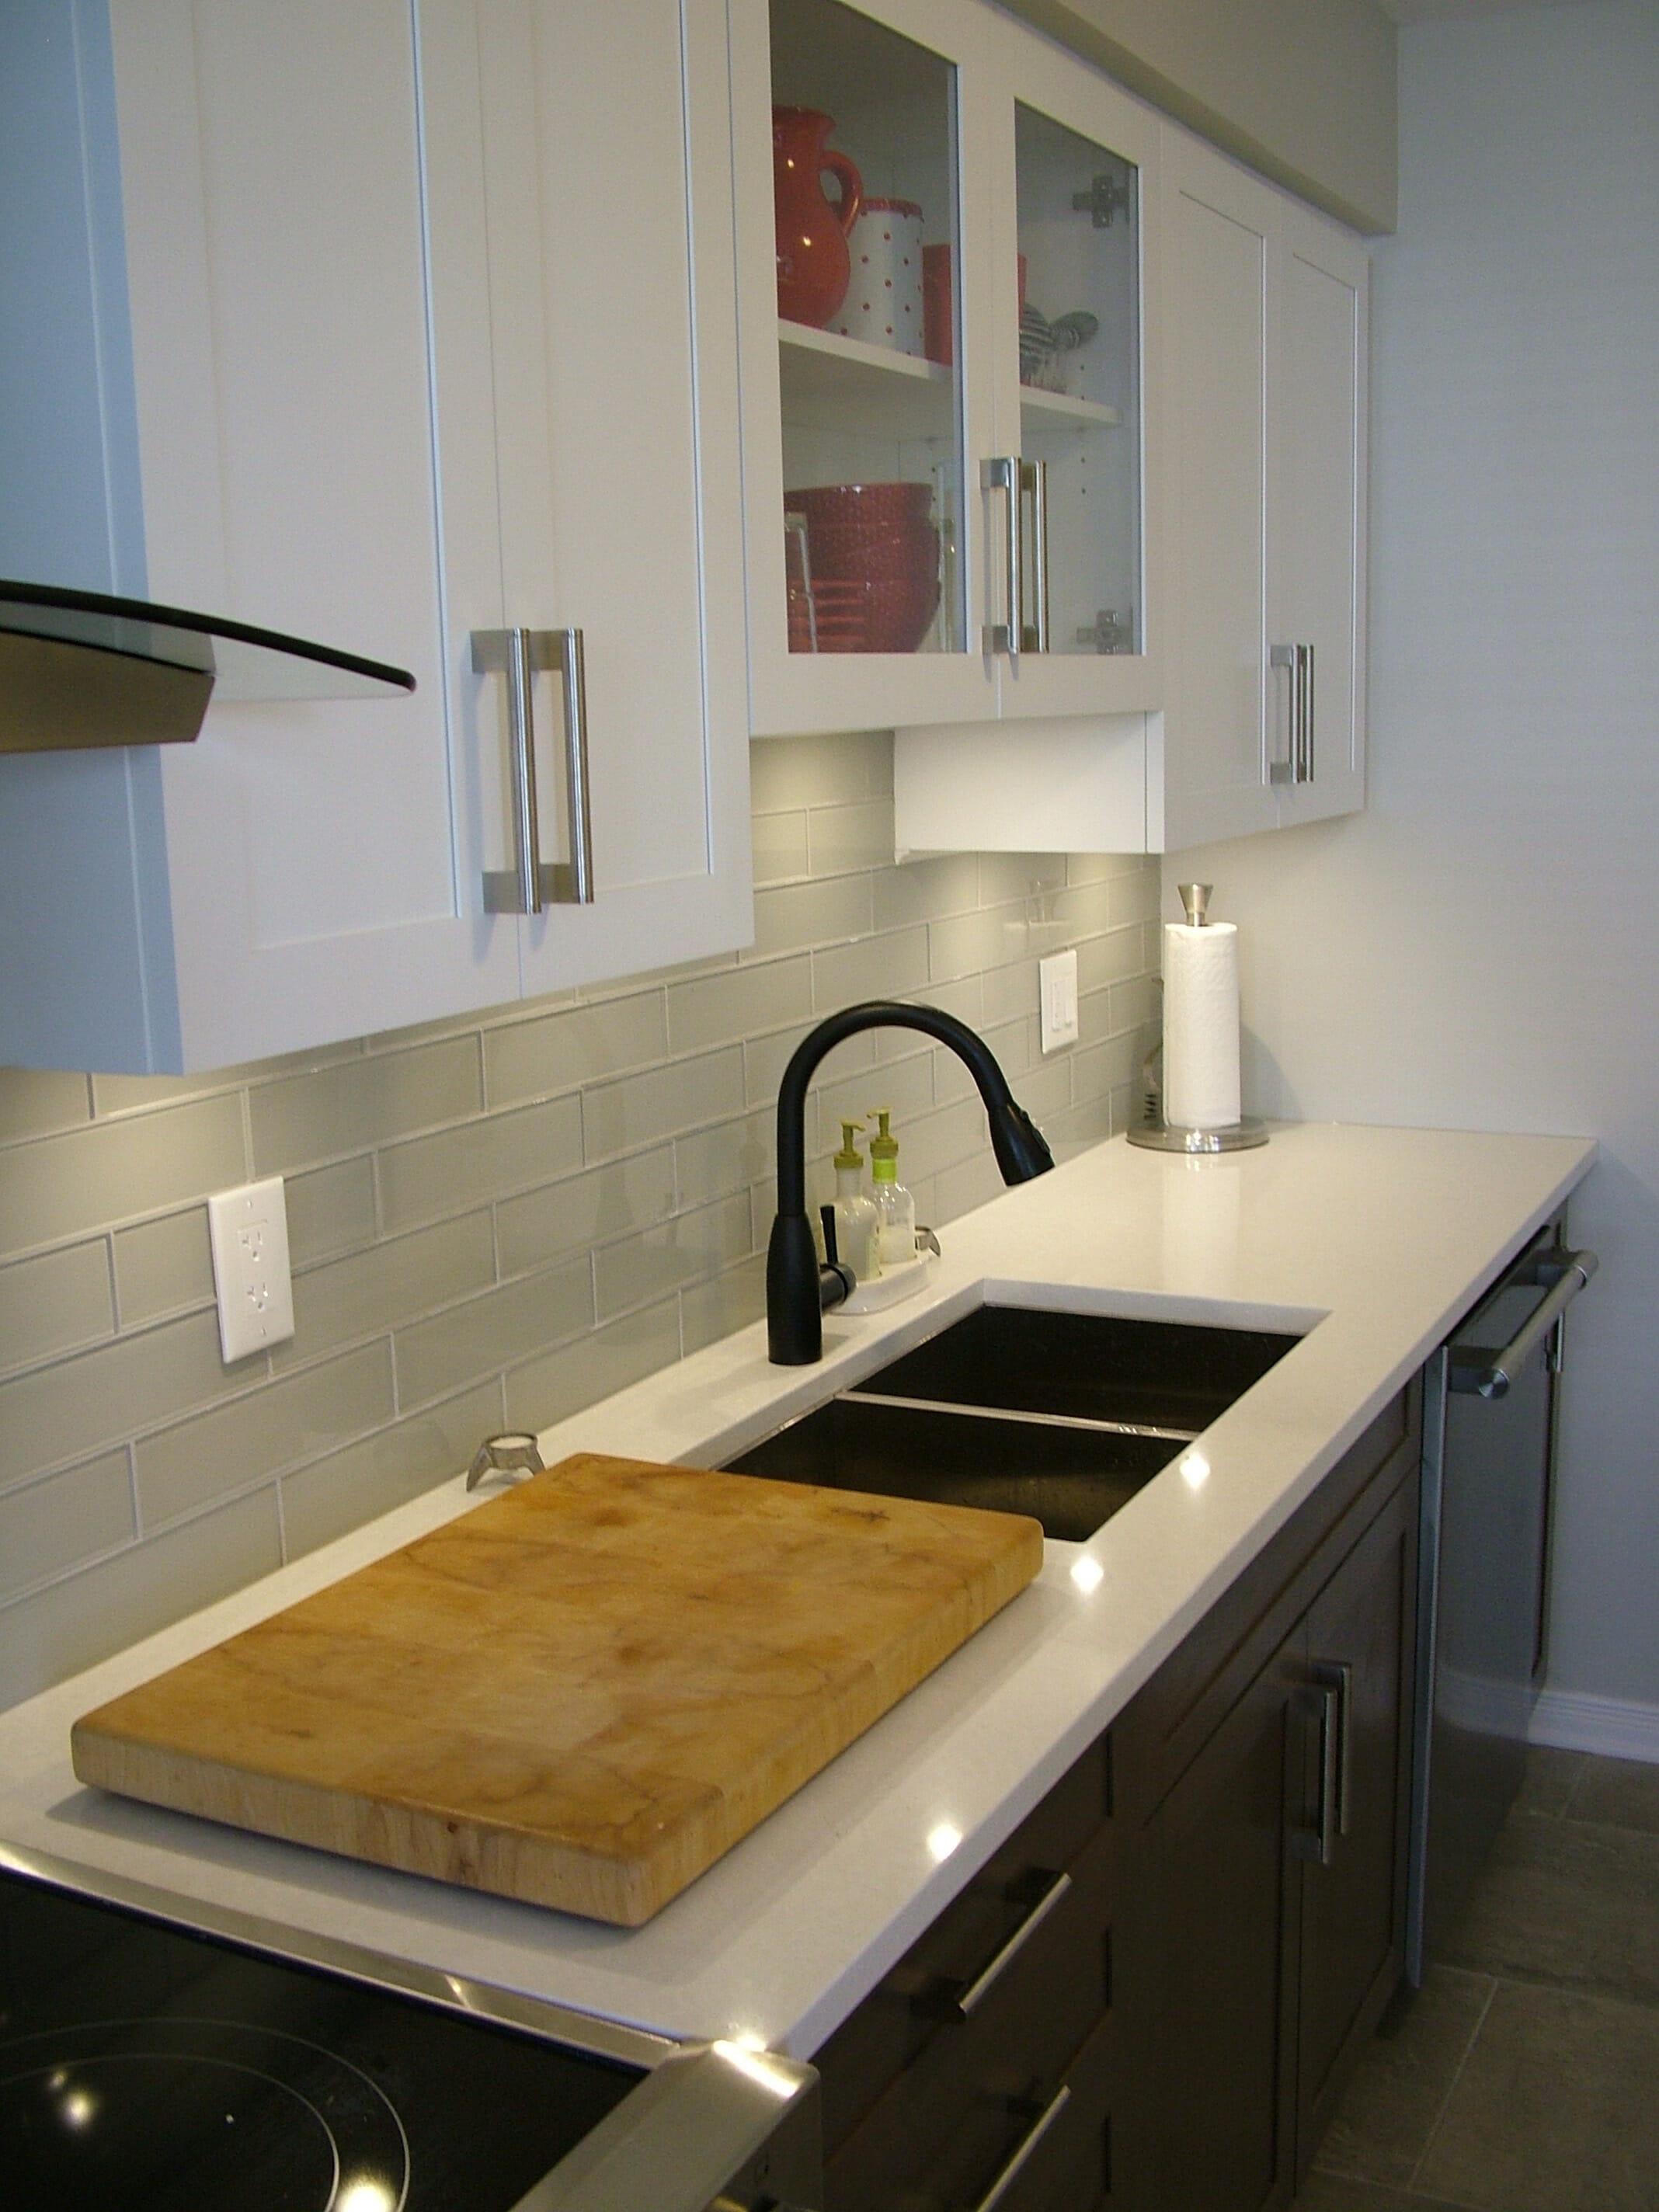 tkg-kitchen-4